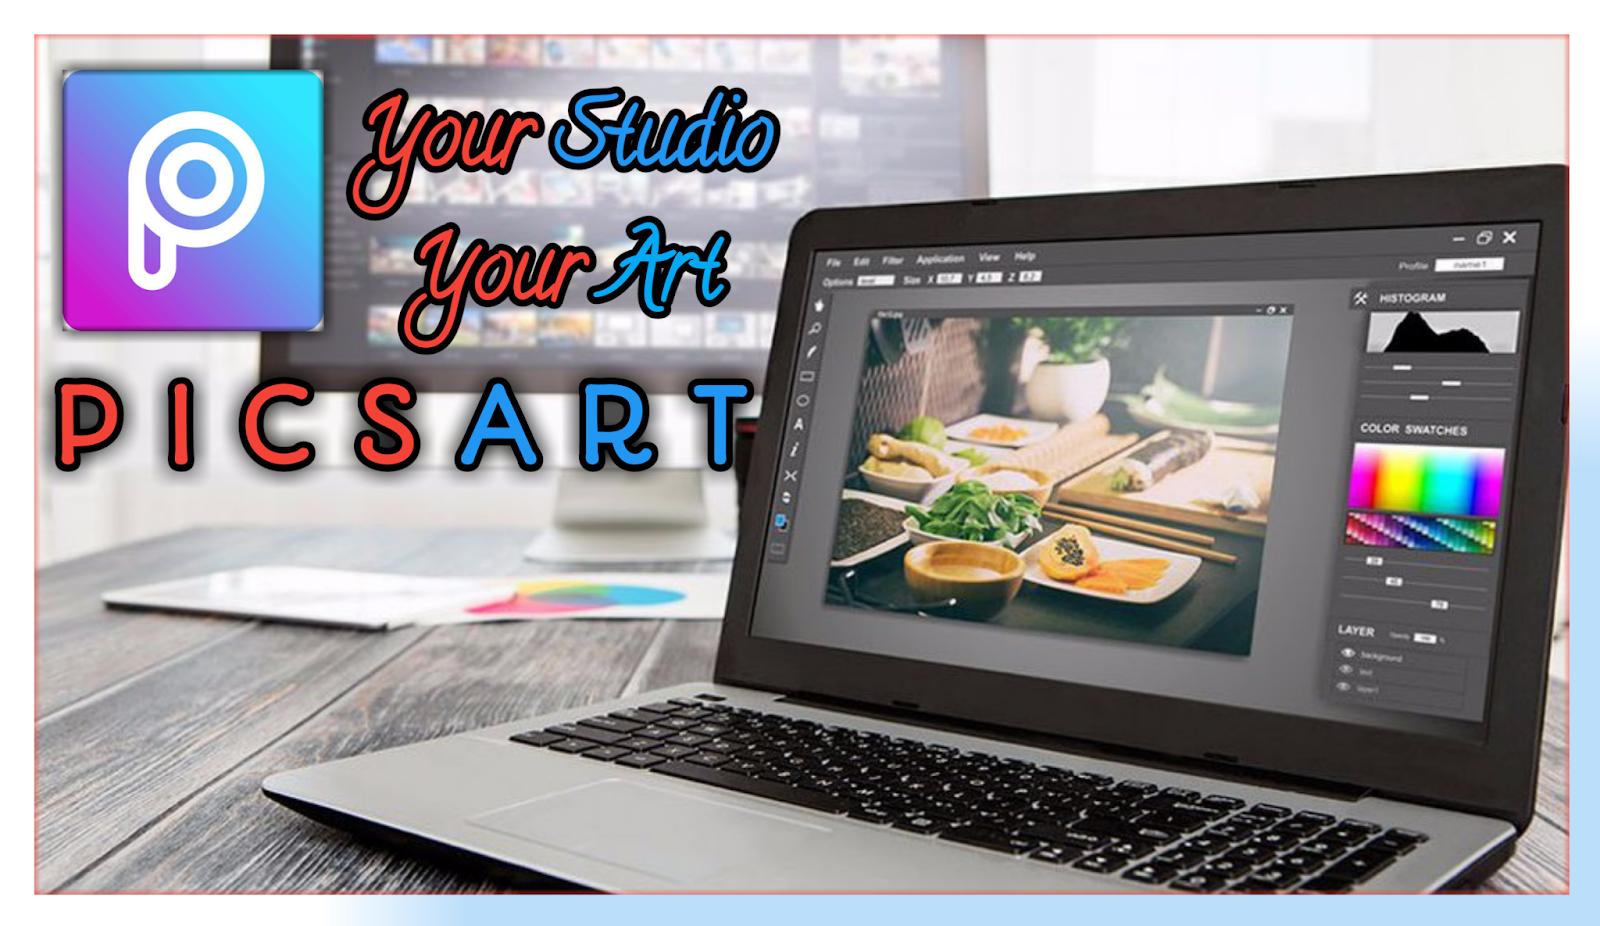 PicsArt - StuDio v11 9 1 Apk Download Mod Version Collage Maker And